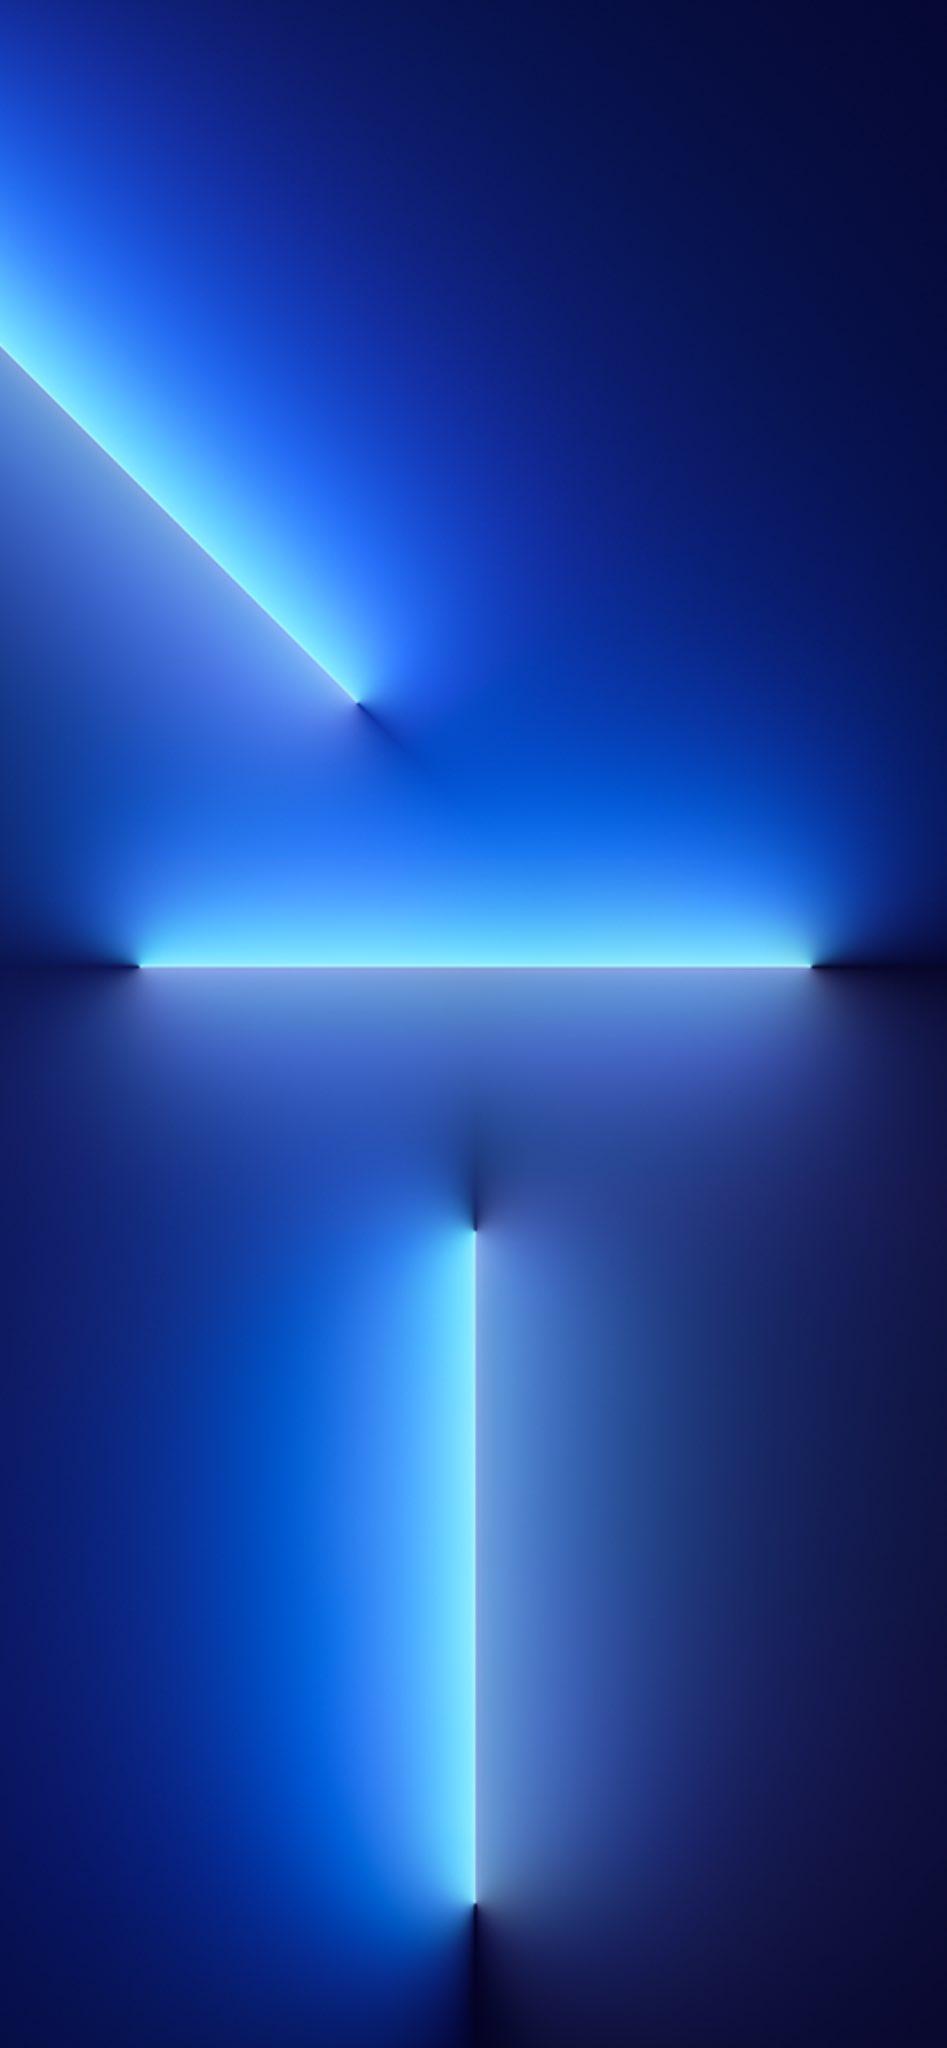 Hình nền iPhone 13 4k Promax - xanh dương gardient